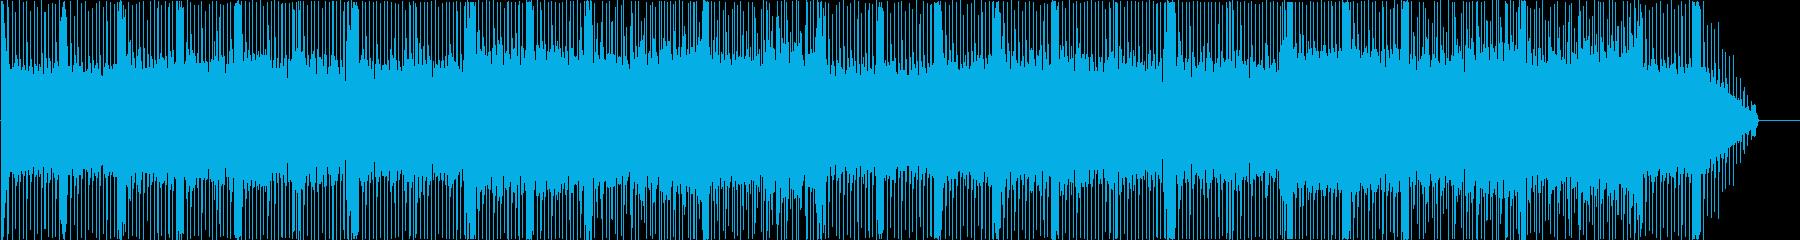 80年代のPCゲーム風FM音源の再生済みの波形